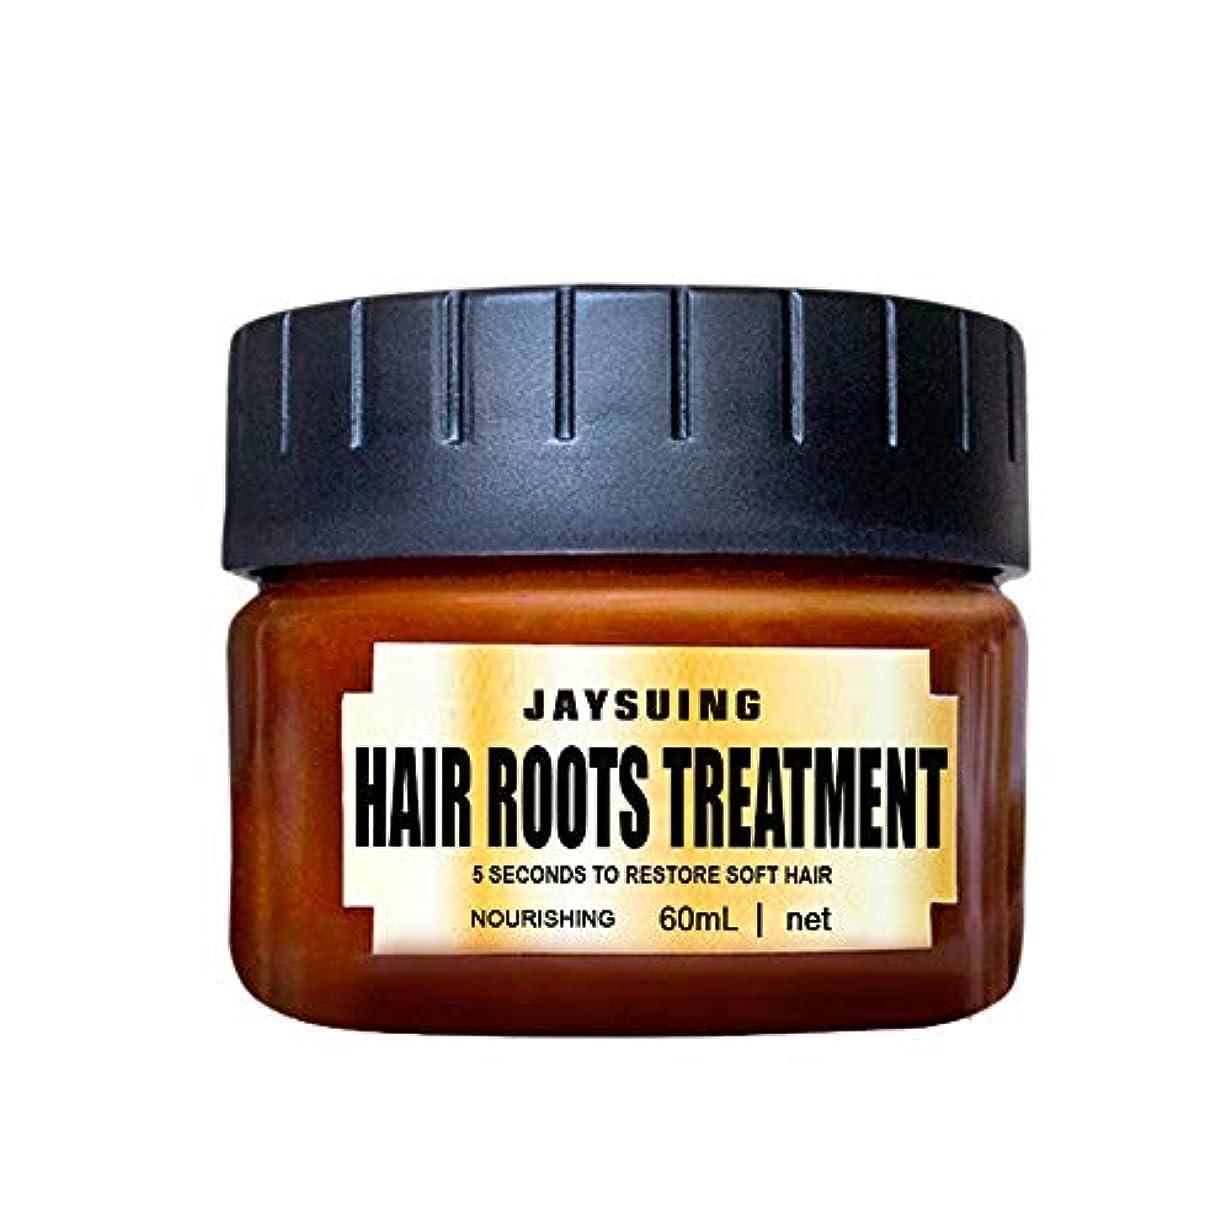 運命的な死の顎数字DOUJI天然植物成分 ヘアケア リッチリペア コンディショナー60mlダメージのある髪へ 髪の排毒ヘアマスク高度な分子毛根治療回復 髪の栄養素を補給トリートメント